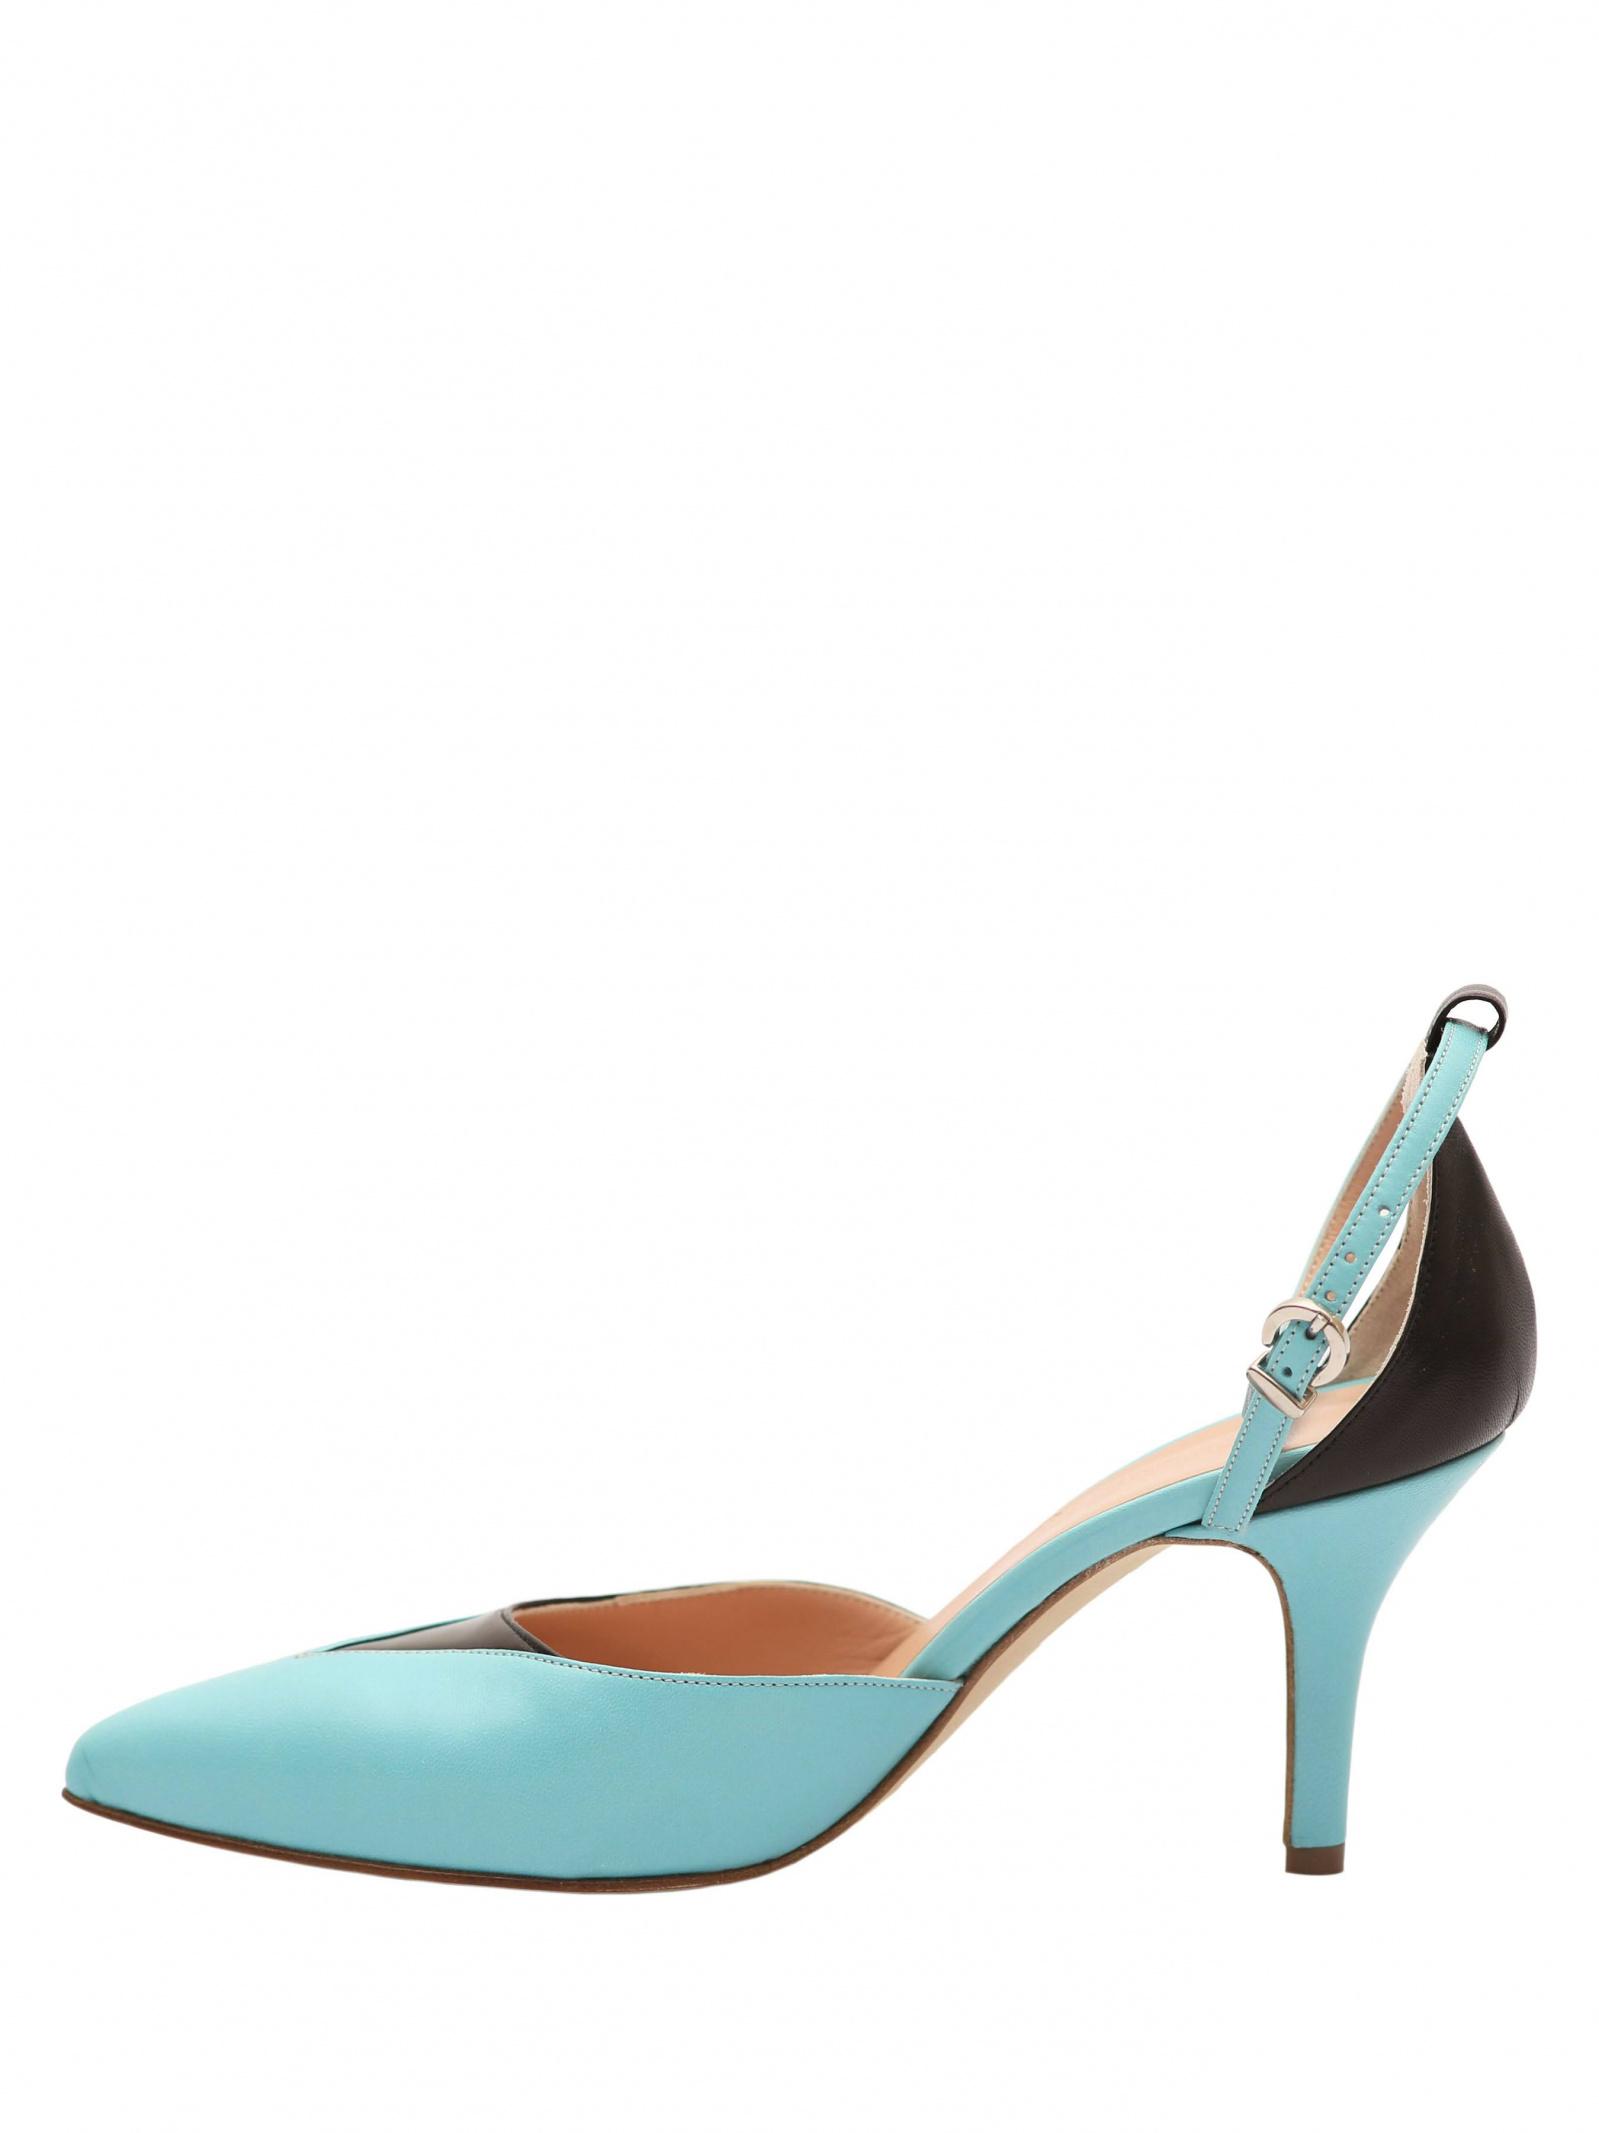 Туфлі  жіночі SITELLE ELL70AZU ціна, 2017